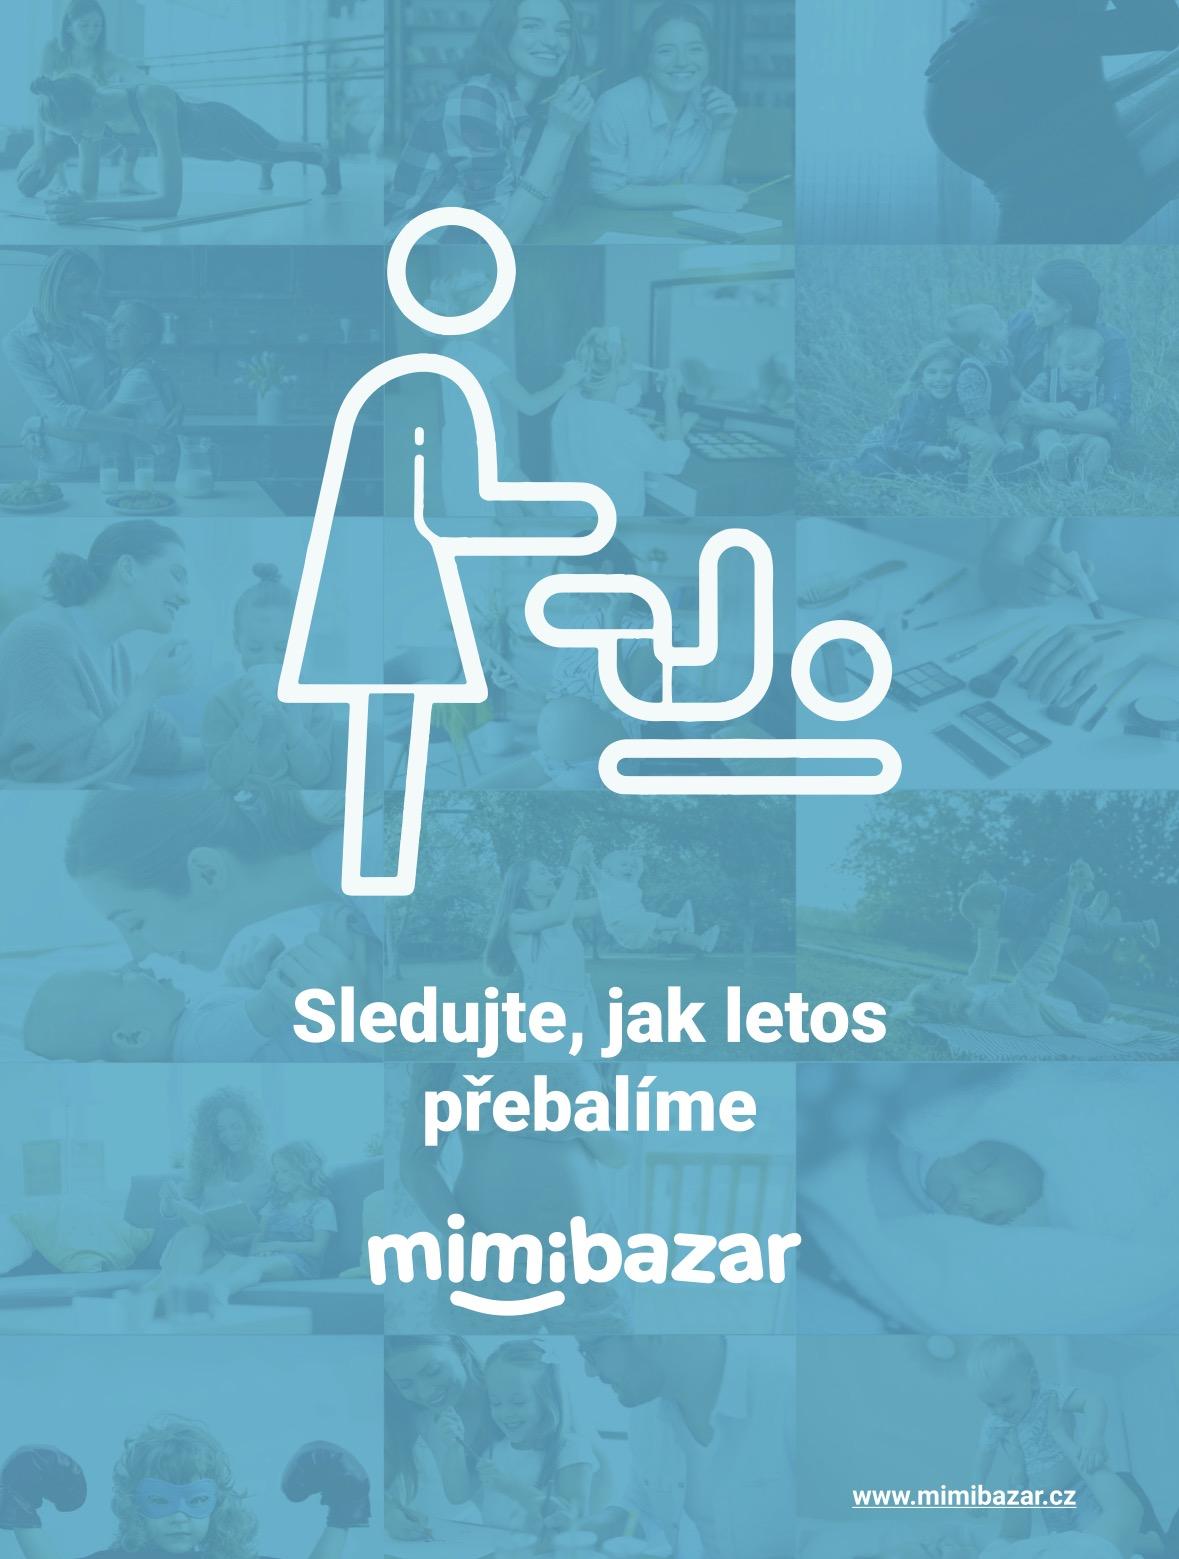 Přebalení Mimibazaru propaguje kampaň